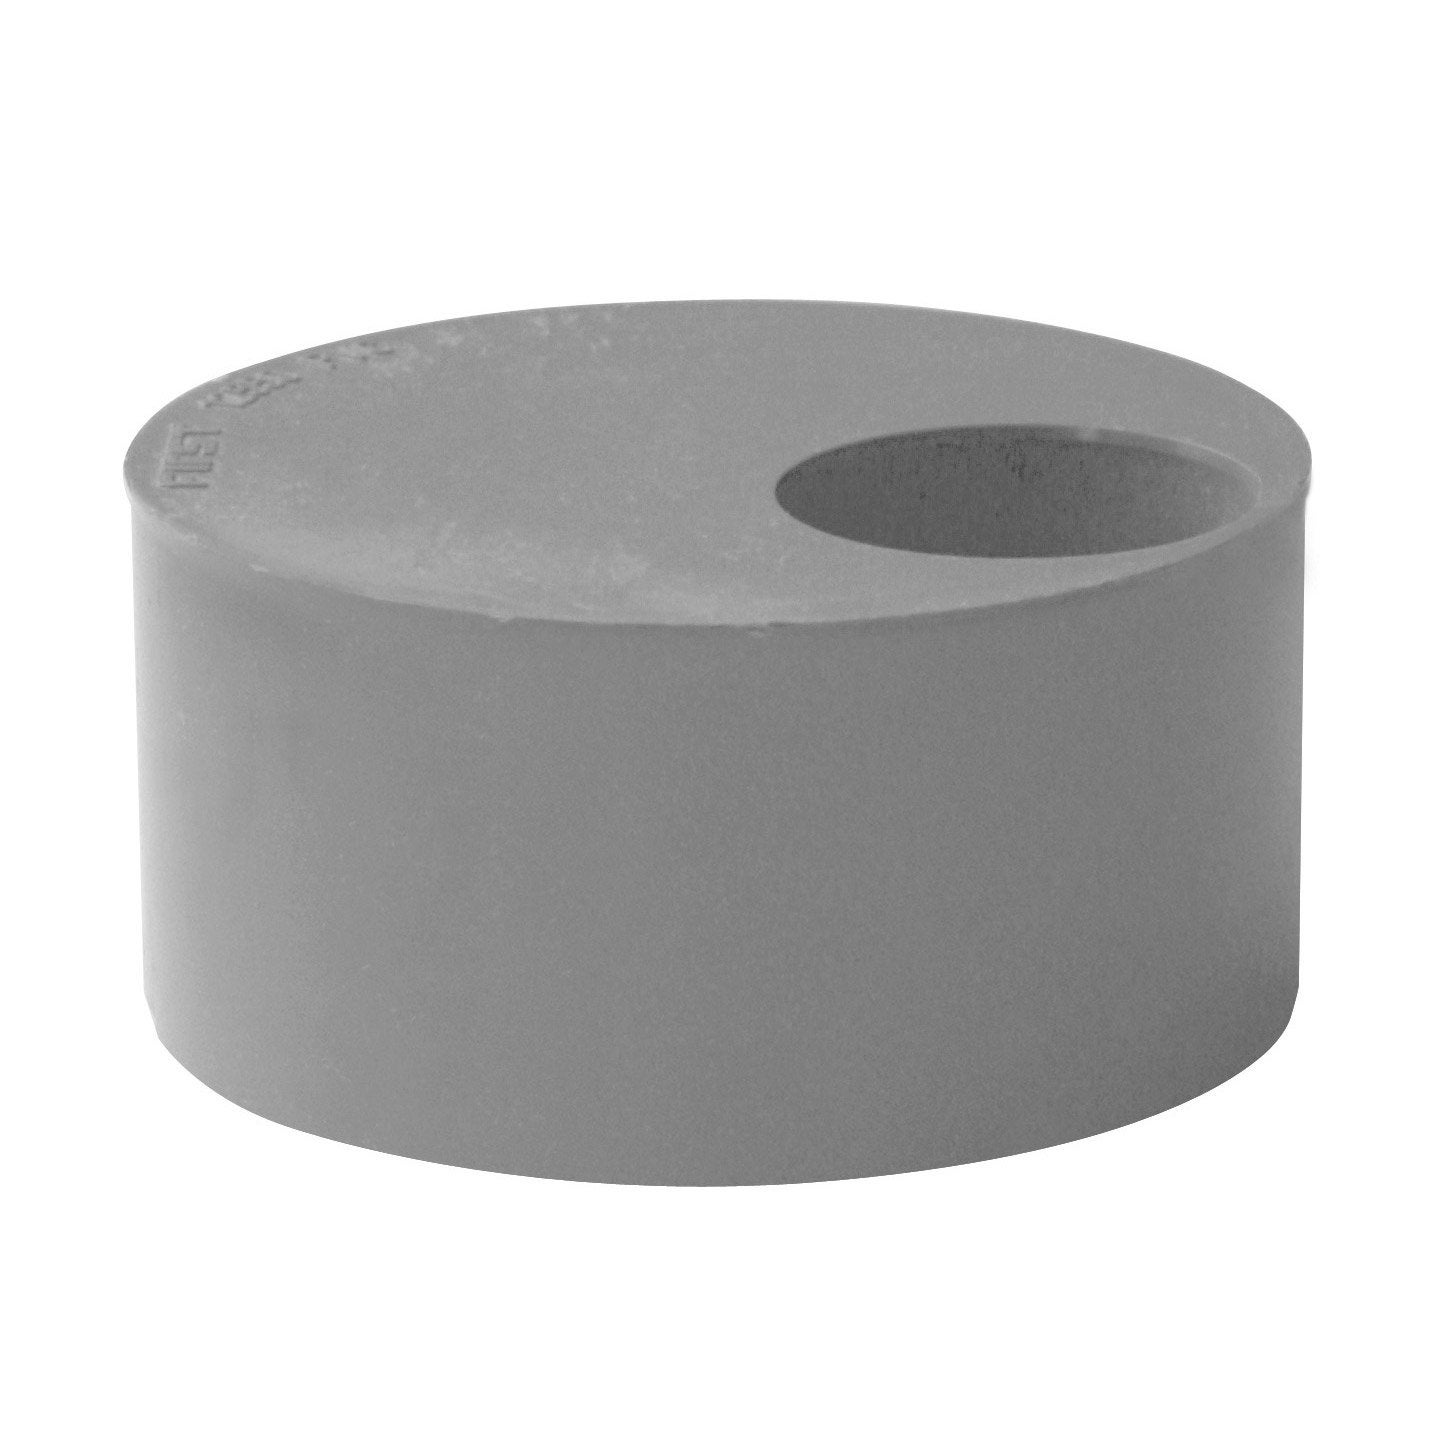 tampon de visite simple pvc mm first plast leroy merlin. Black Bedroom Furniture Sets. Home Design Ideas